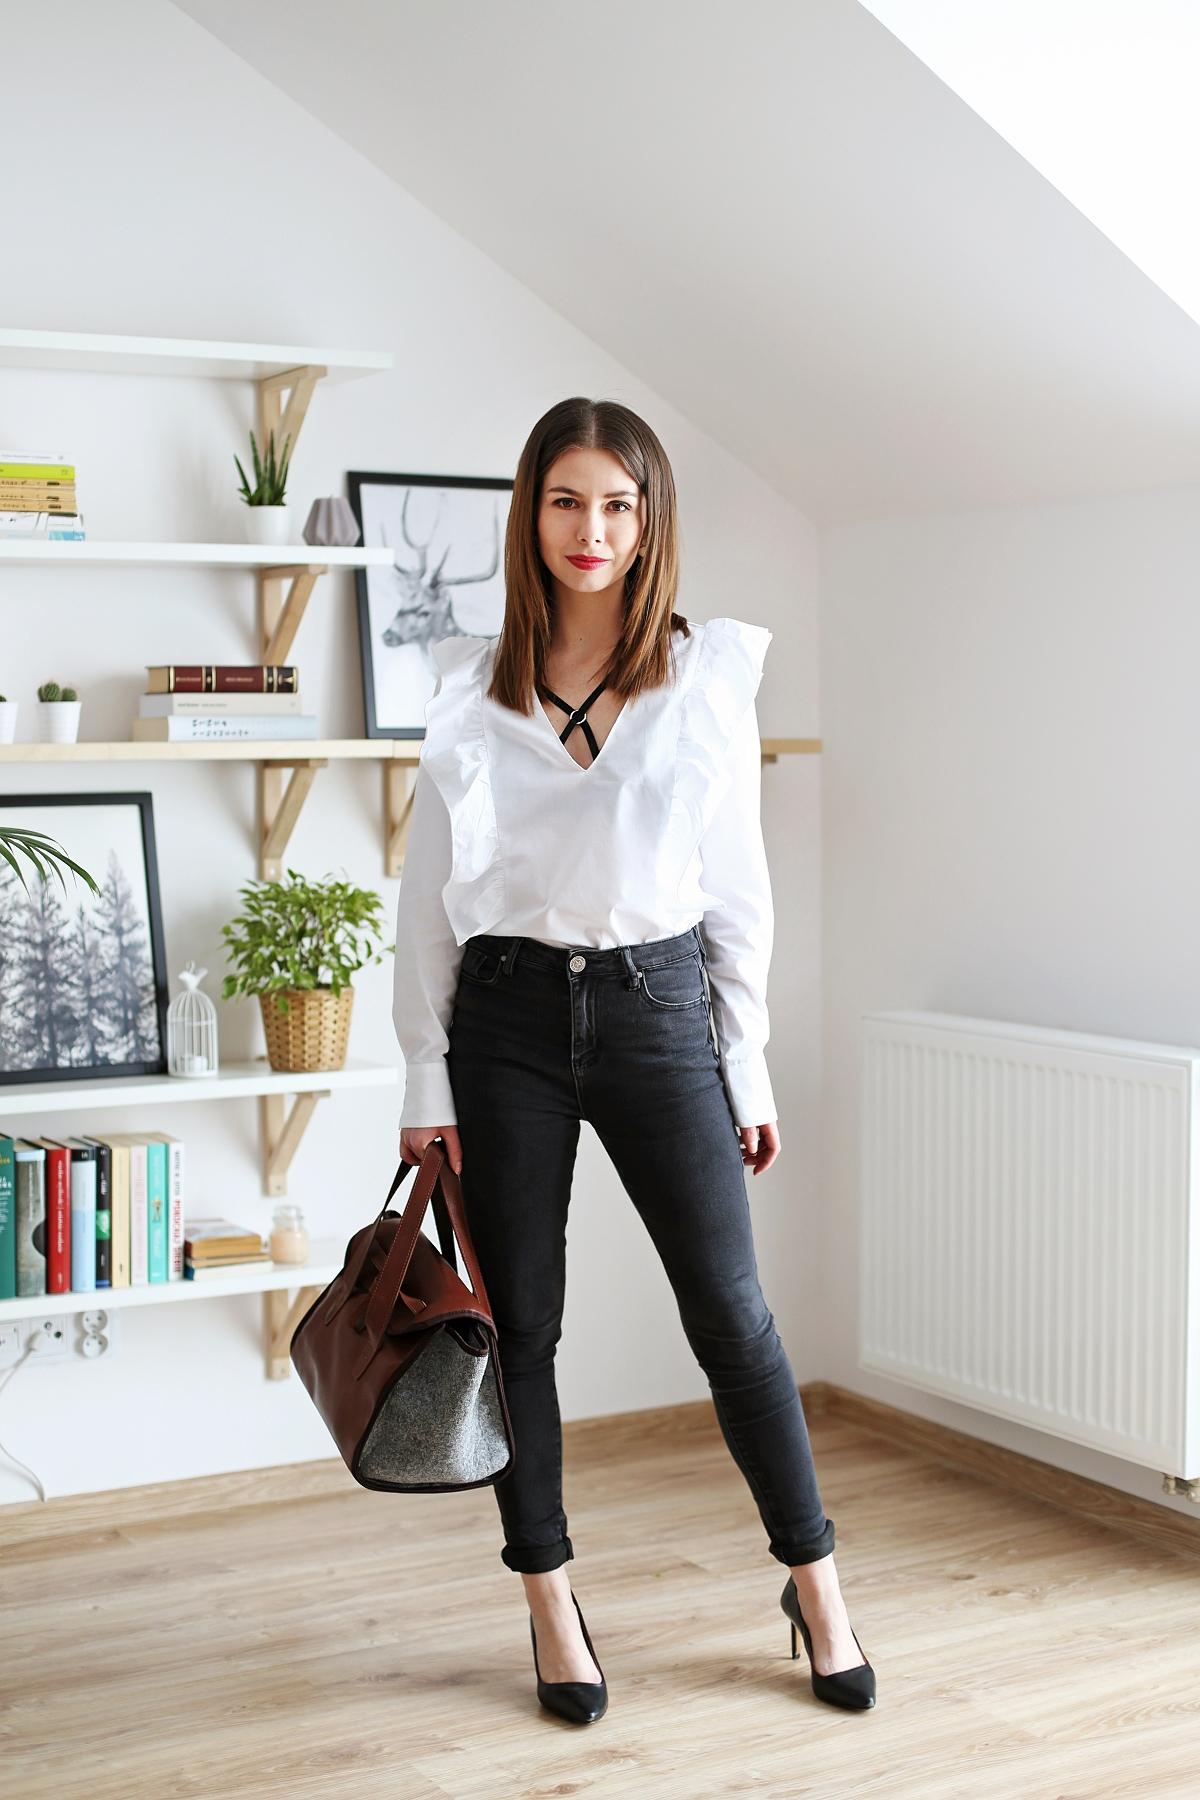 Minimalistyczna stylizacja w czerni i bieli z dodatkiem brązu